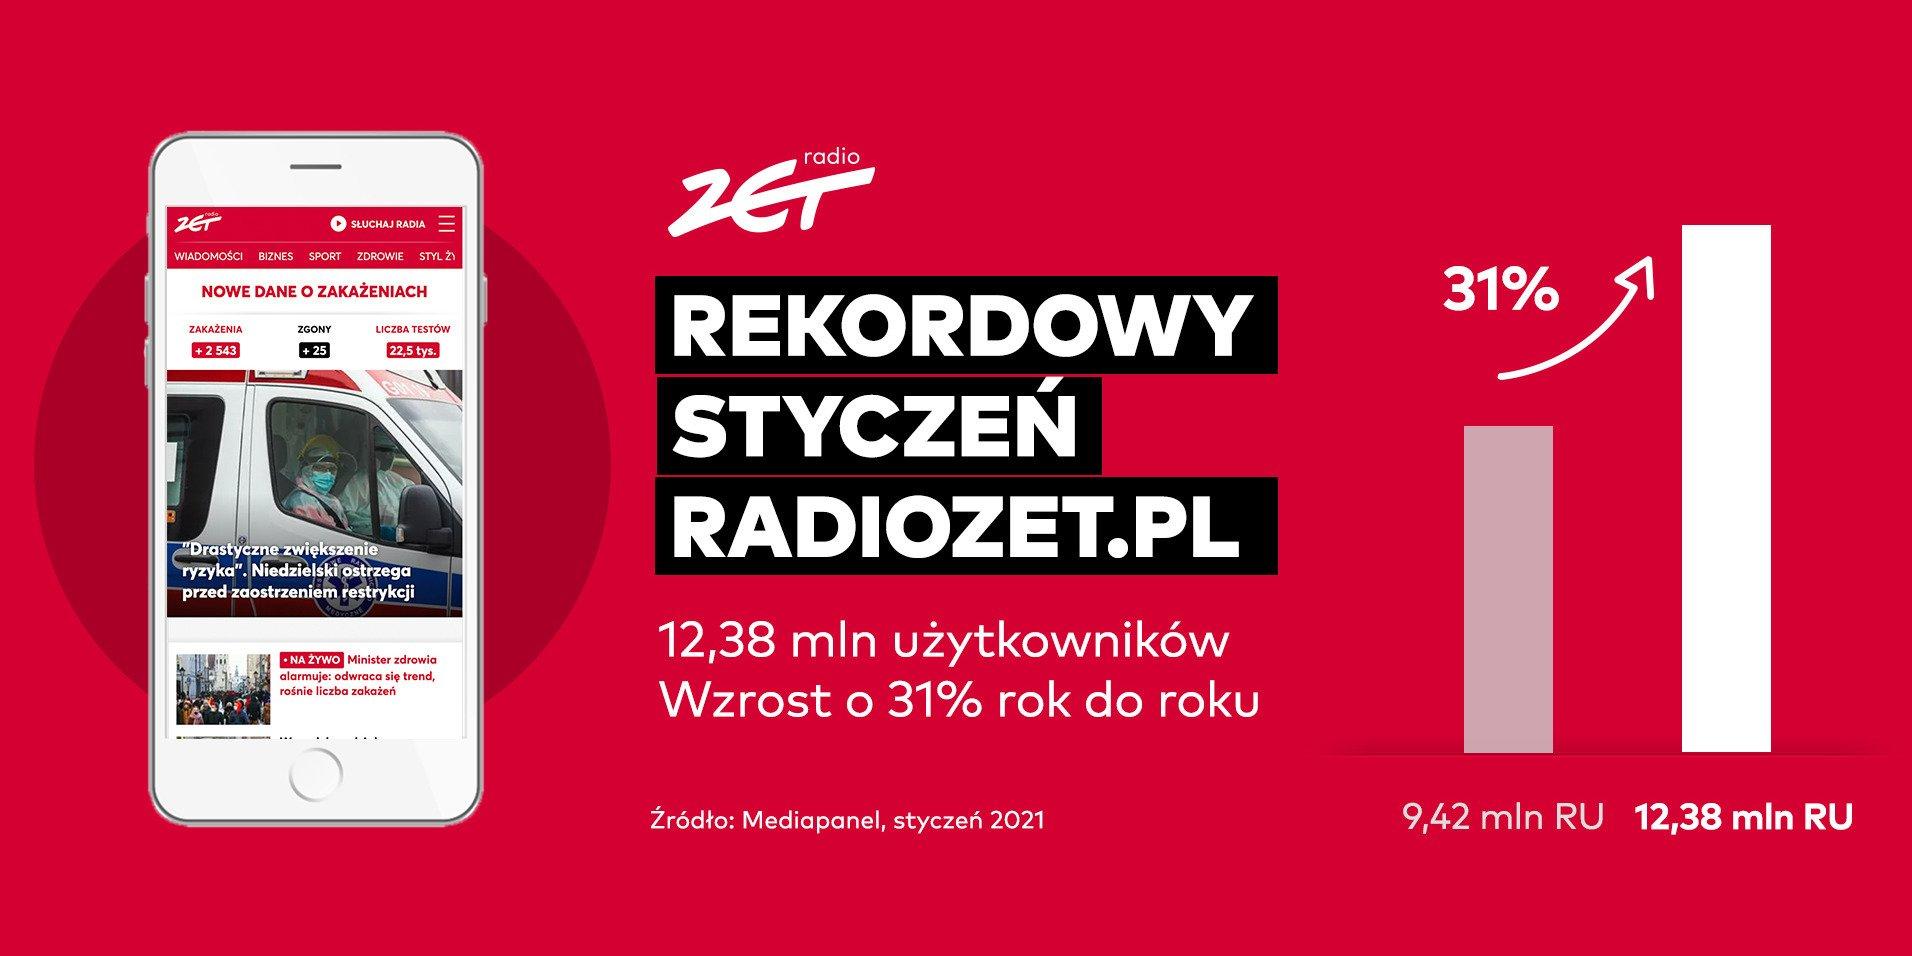 Rekordowy wynik Radiozet.pl